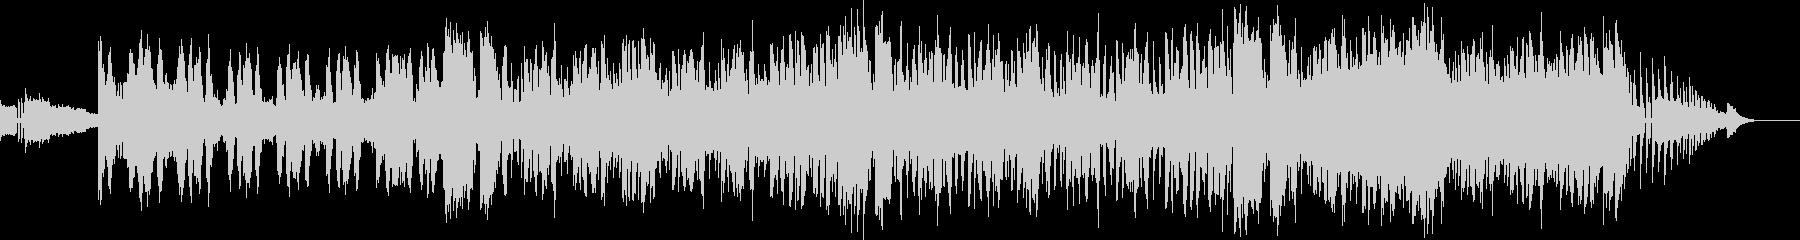 サウス系HipHopの未再生の波形